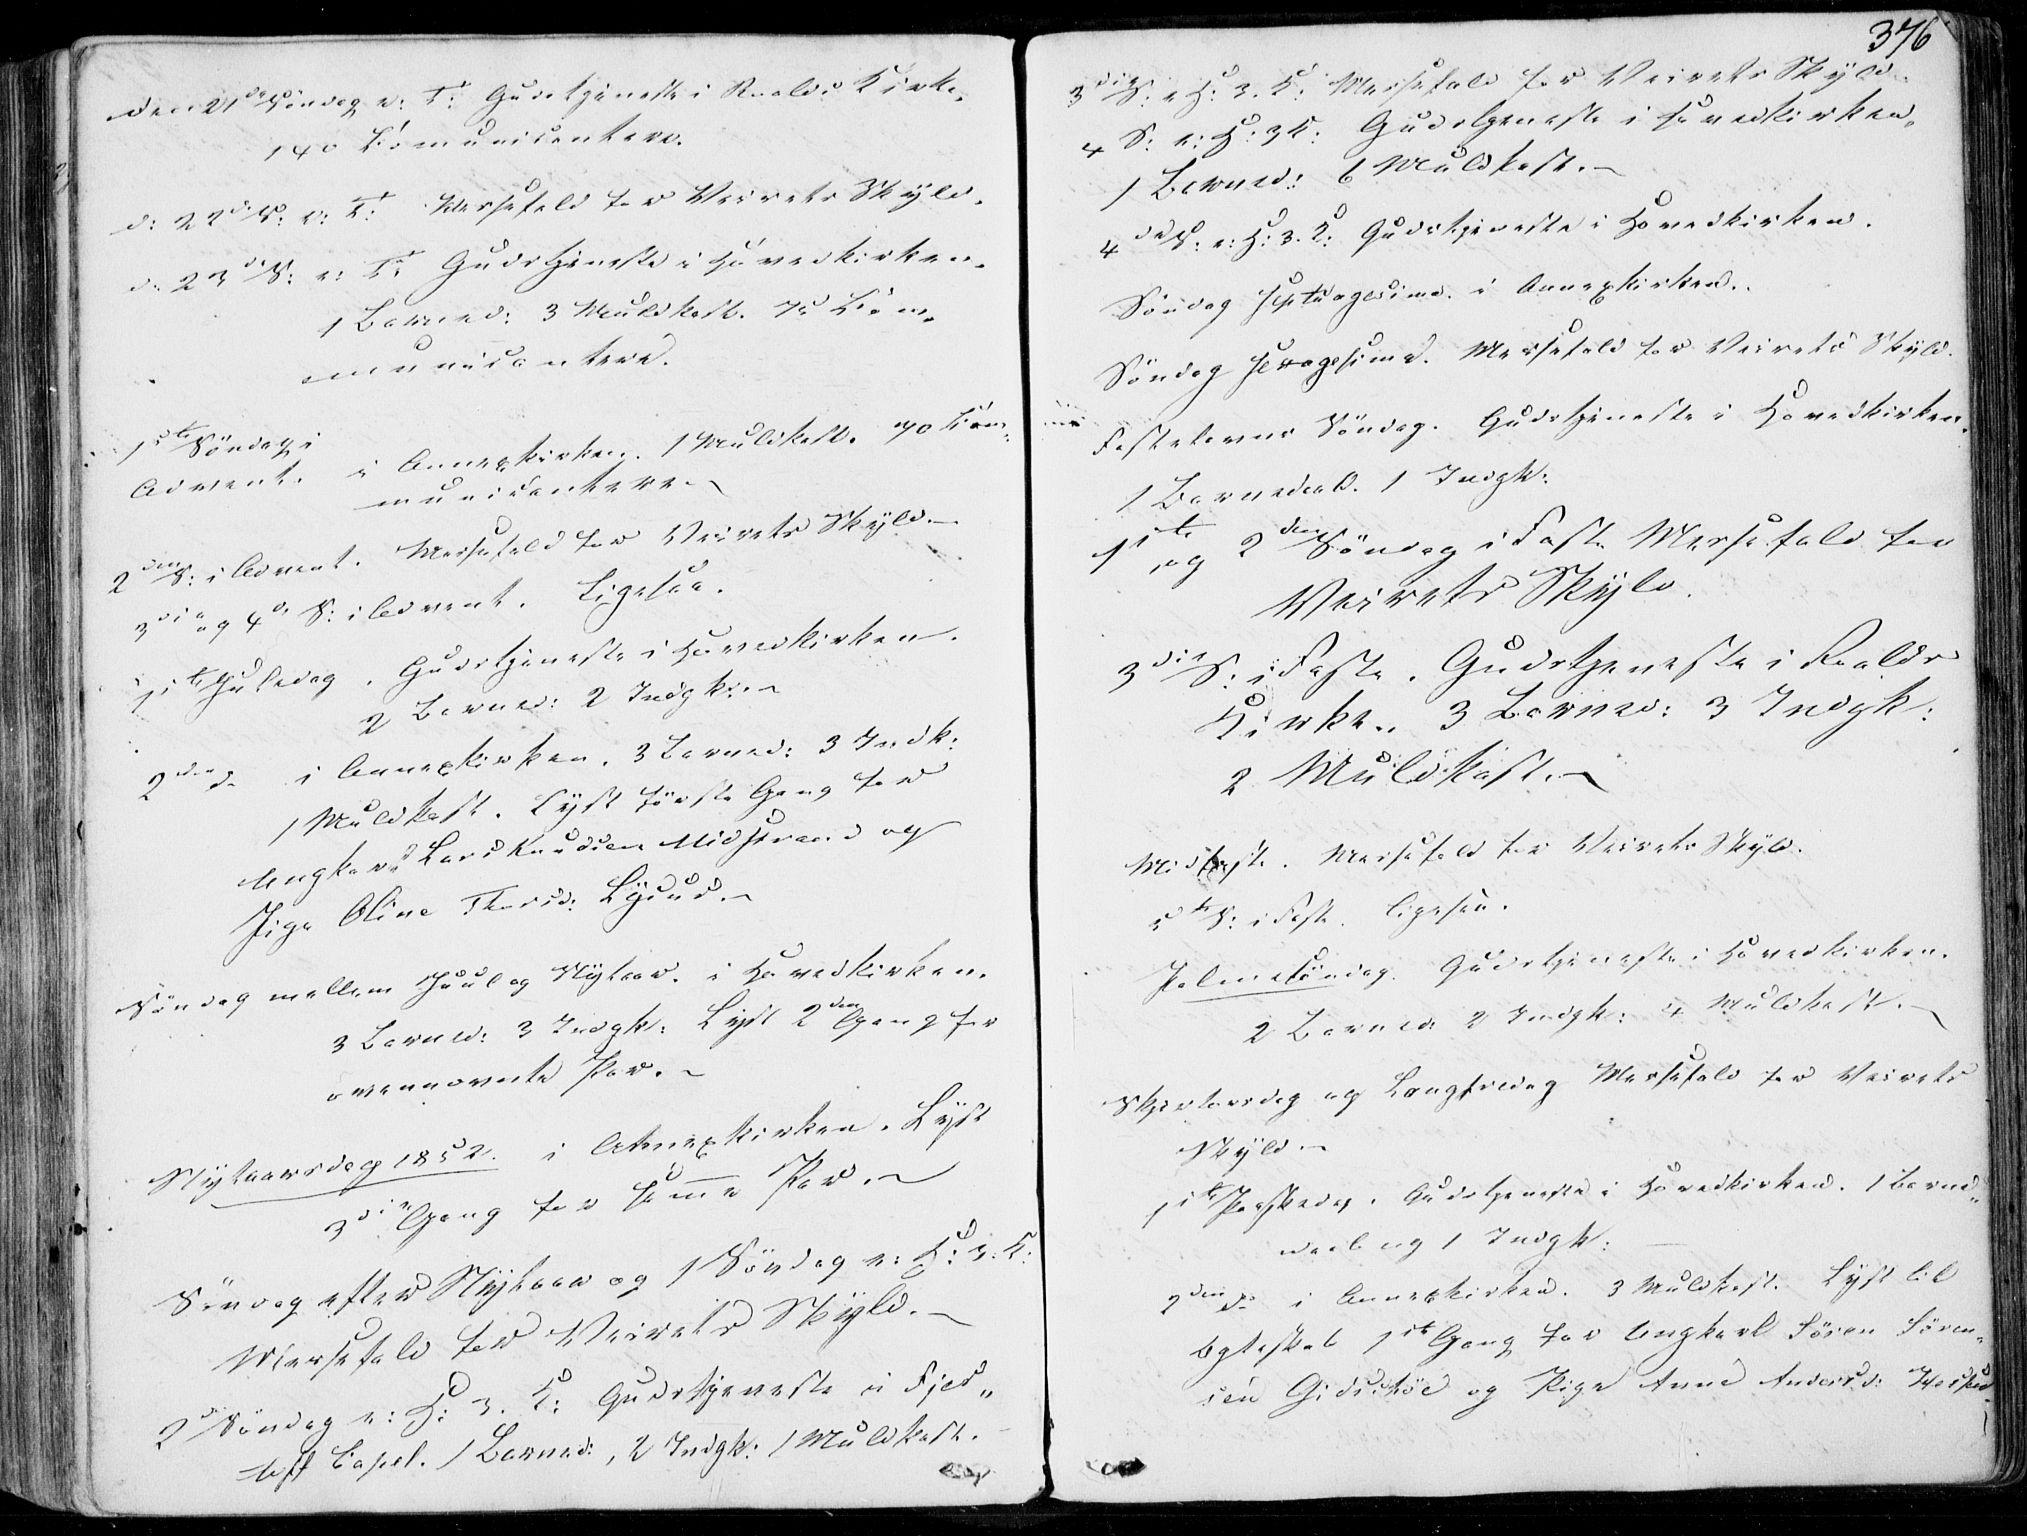 SAT, Ministerialprotokoller, klokkerbøker og fødselsregistre - Møre og Romsdal, 536/L0497: Ministerialbok nr. 536A06, 1845-1865, s. 376